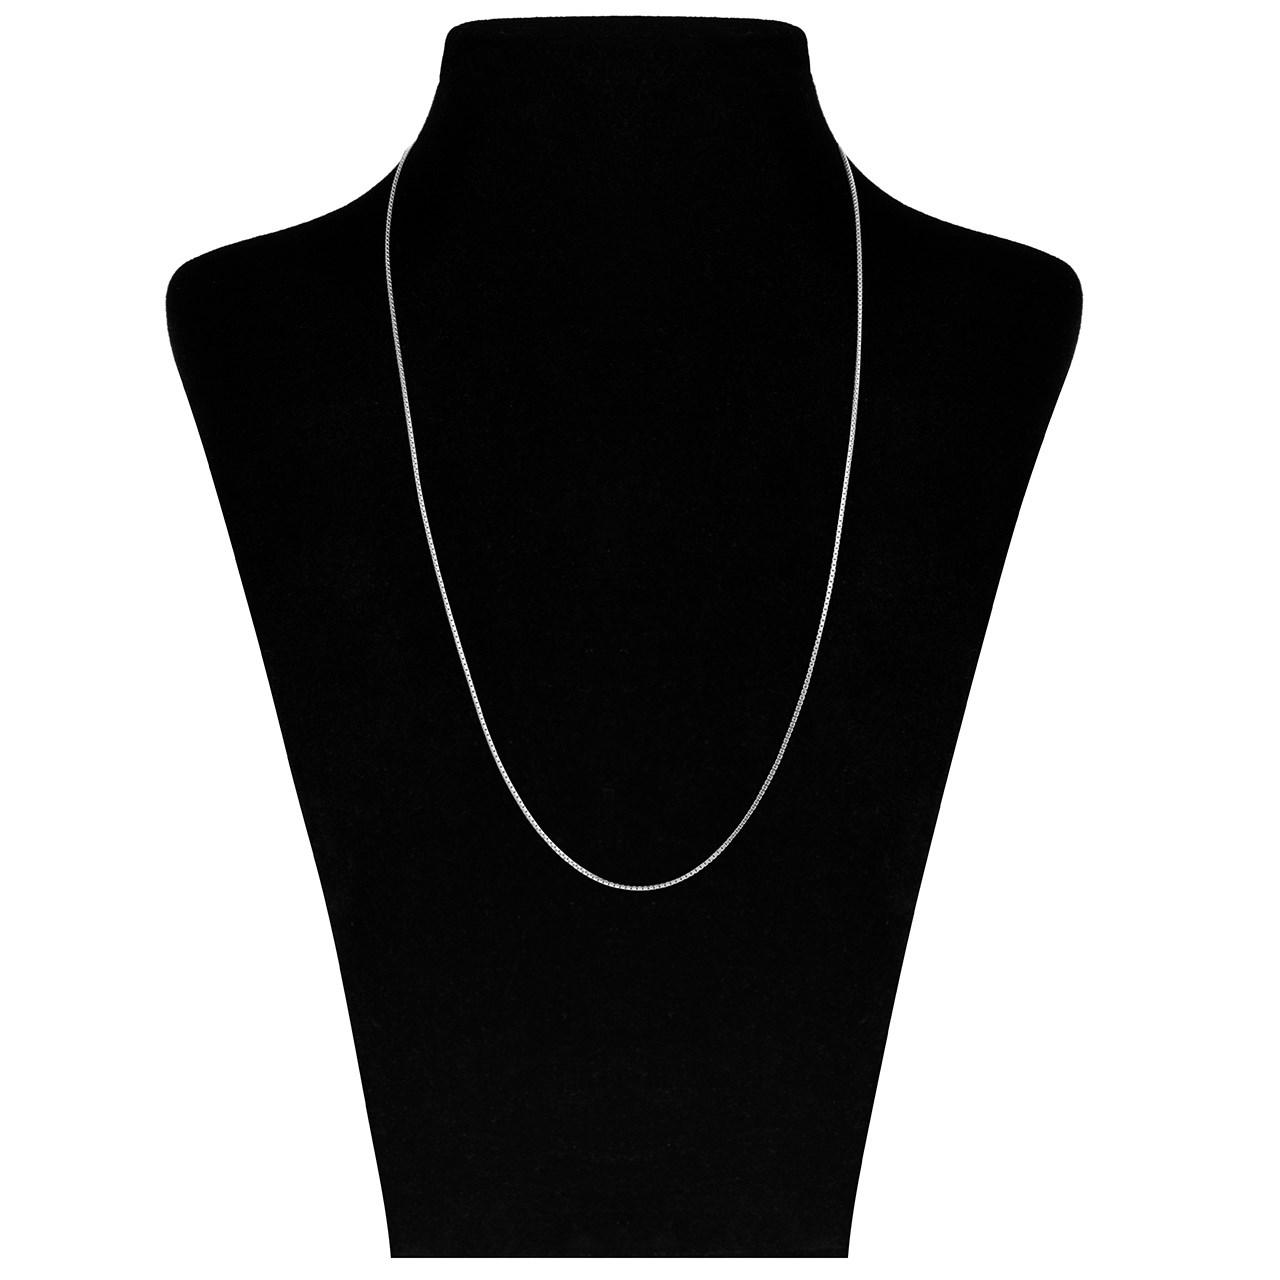 زنجیر طلا 18 عیار ماهک مدل MM0655 - مایا ماهک